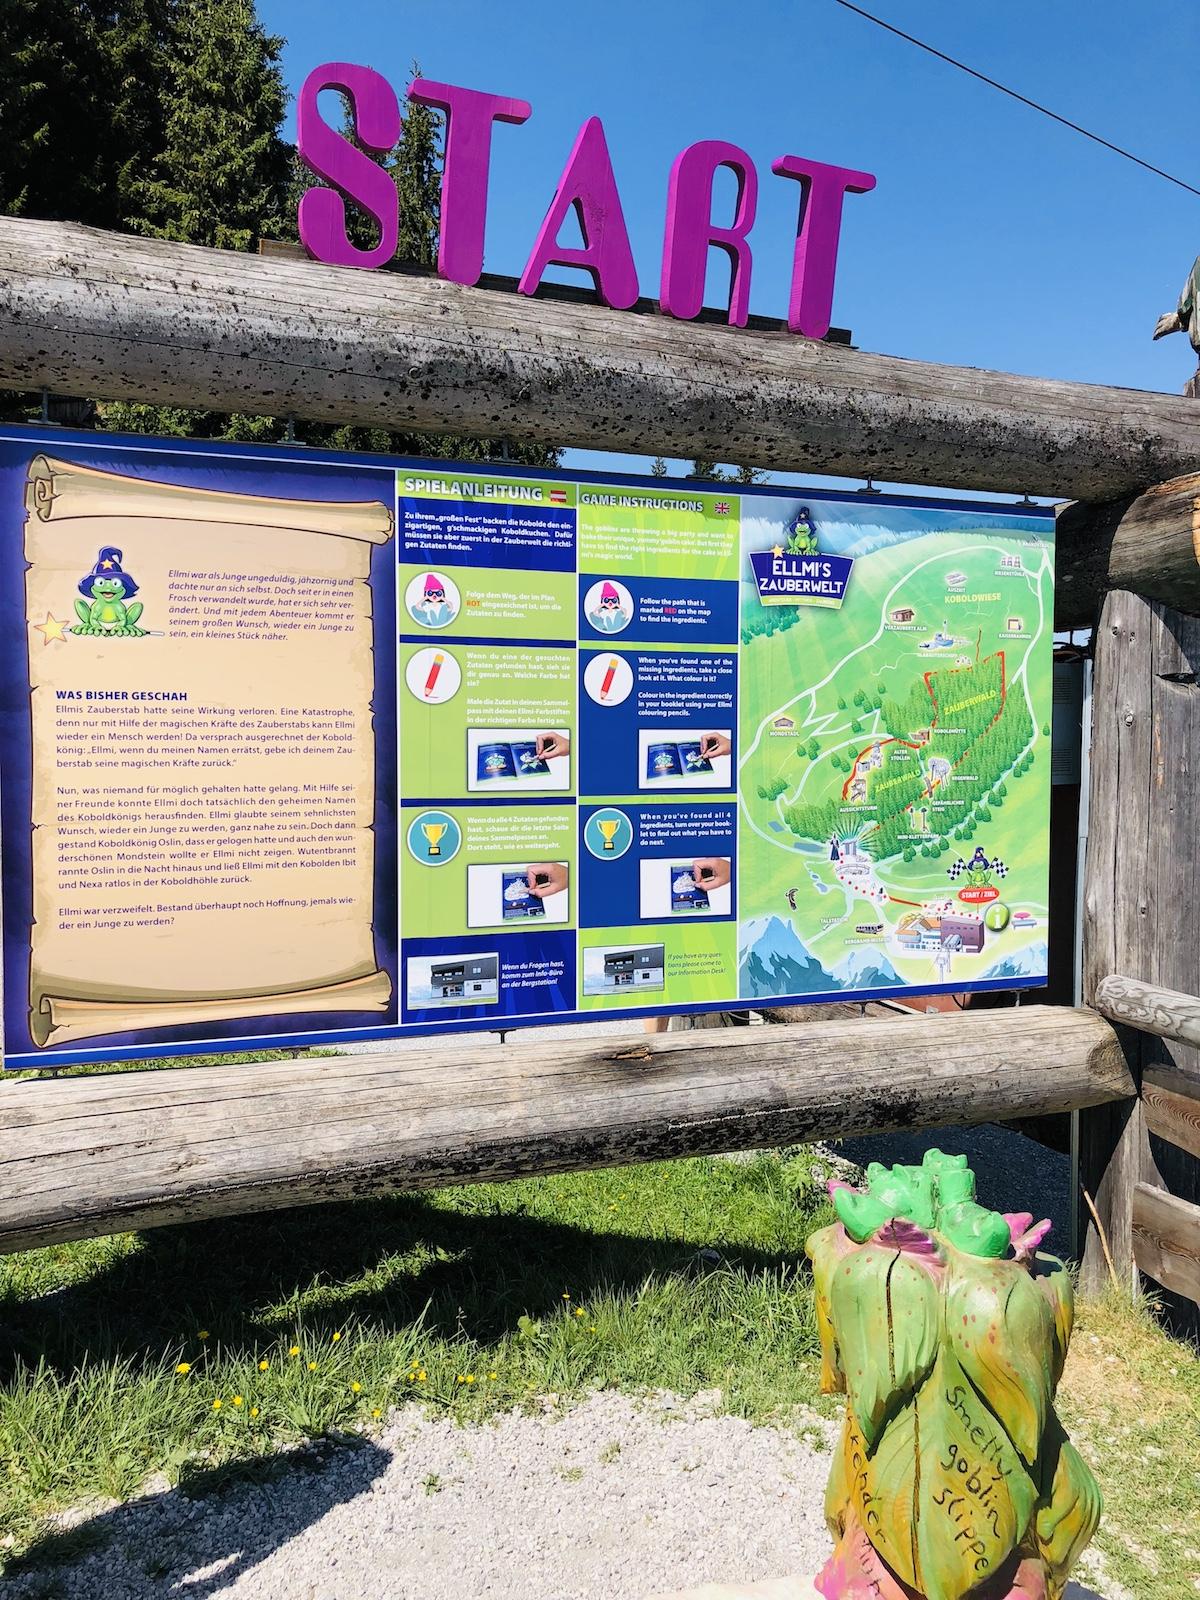 Schild, welches einen Überblick über den Koboldweg in Ellmi's Zauberwelt gibt, Österreich